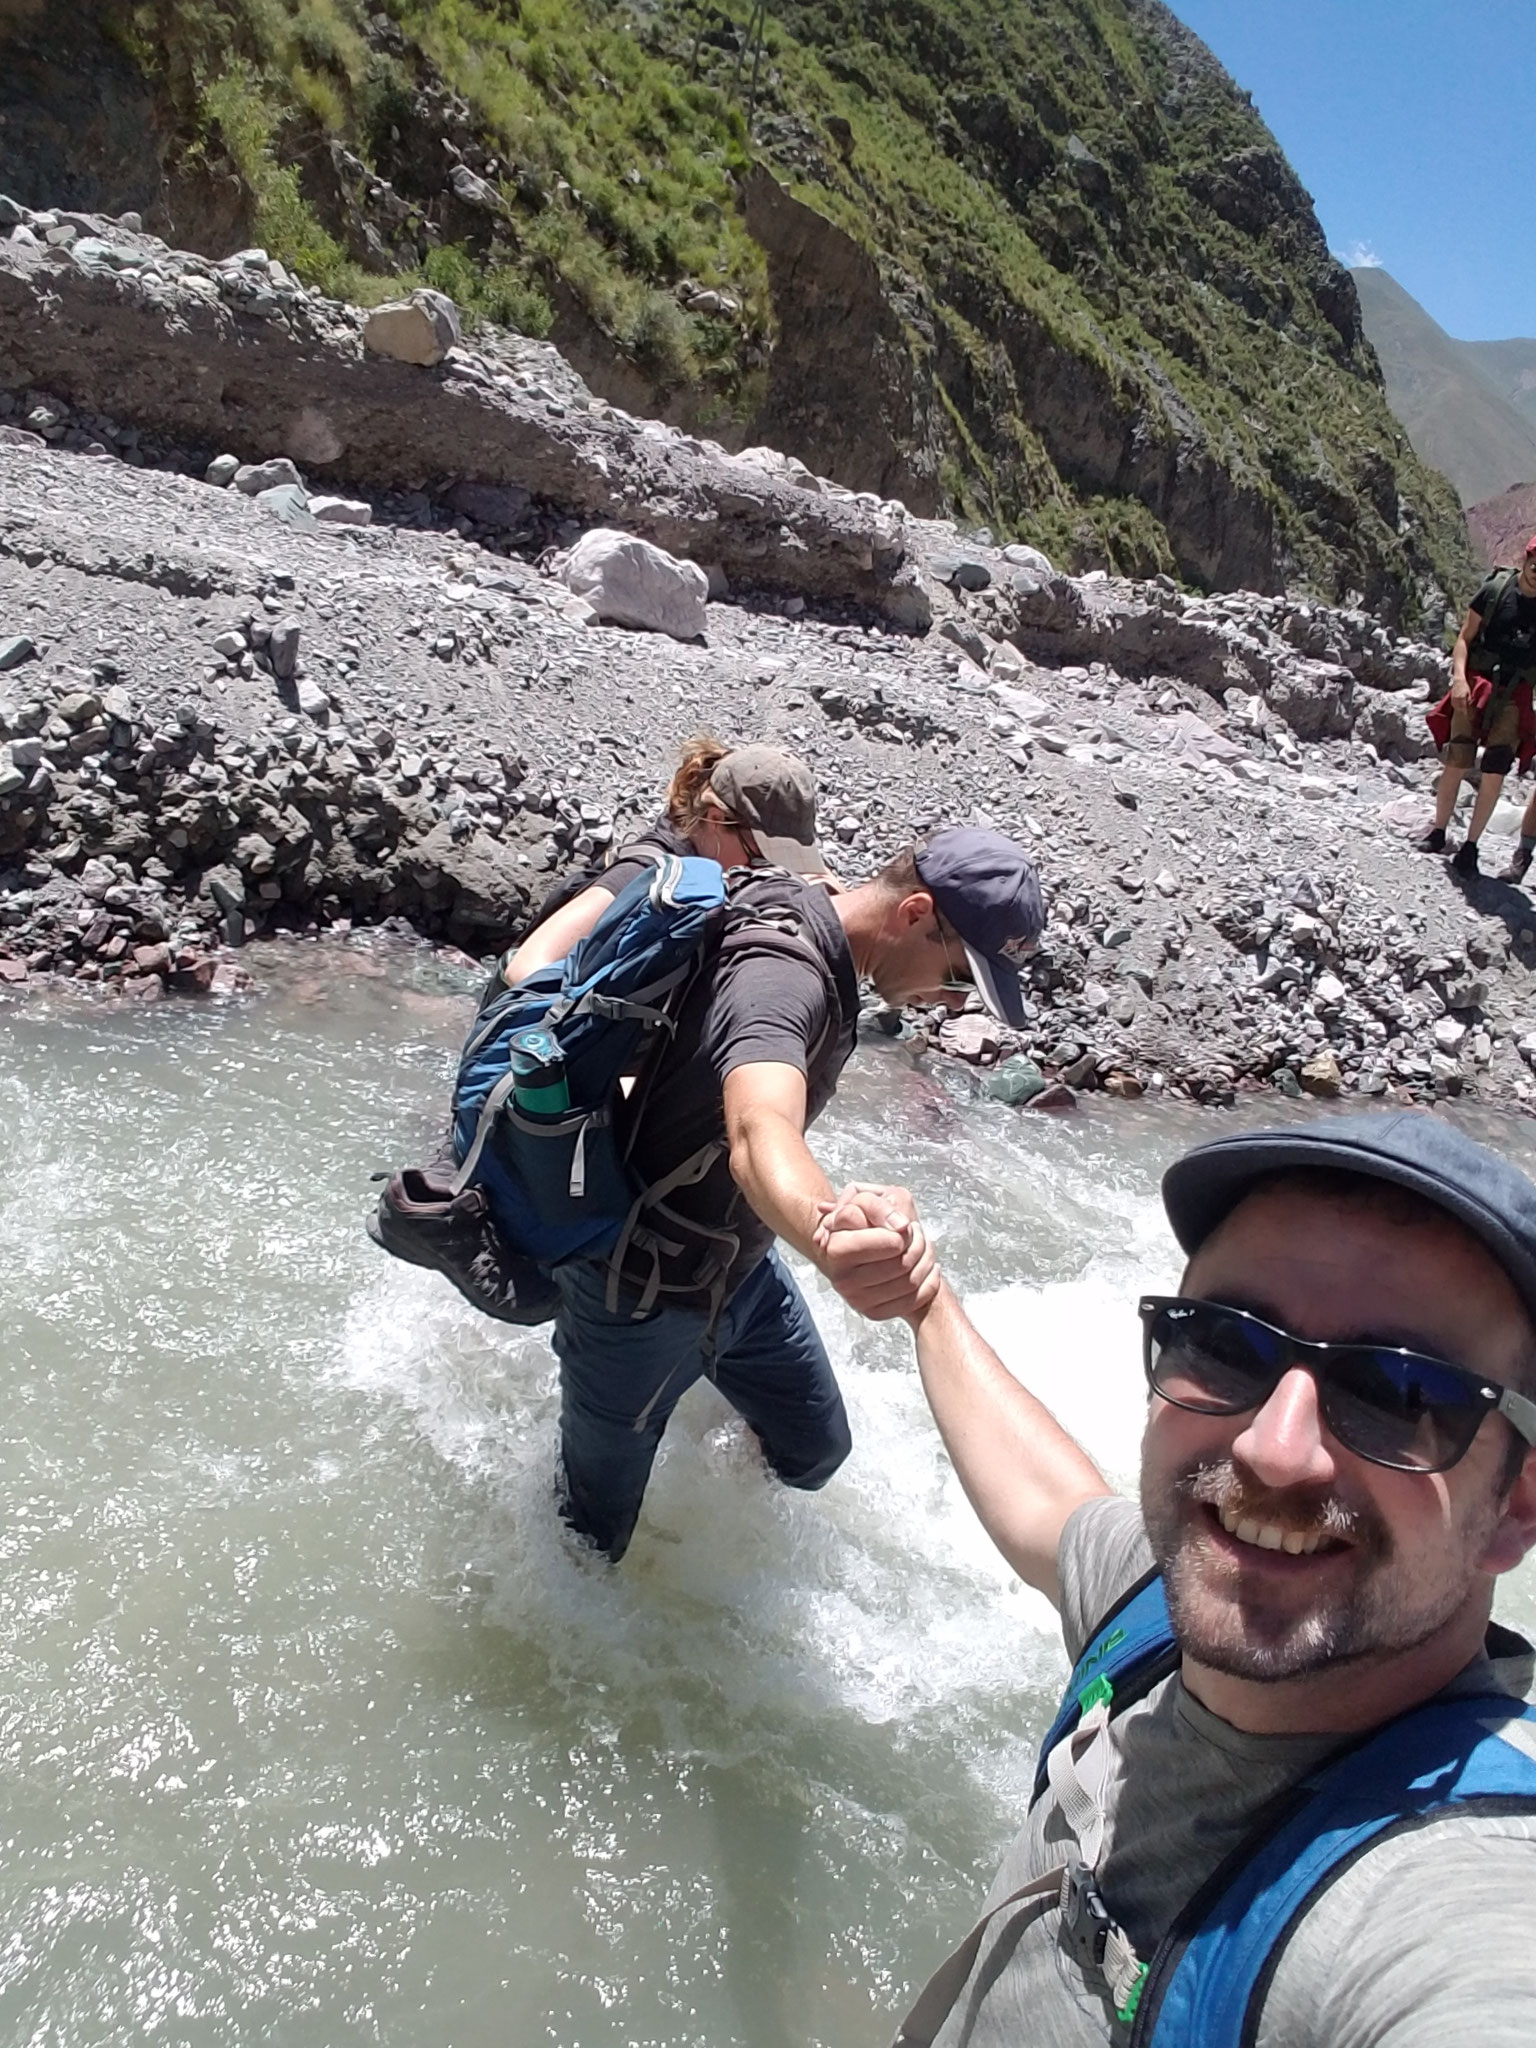 Diesen Bach haben wir bei unserer Wanderung ca. 15 Mal gequert...